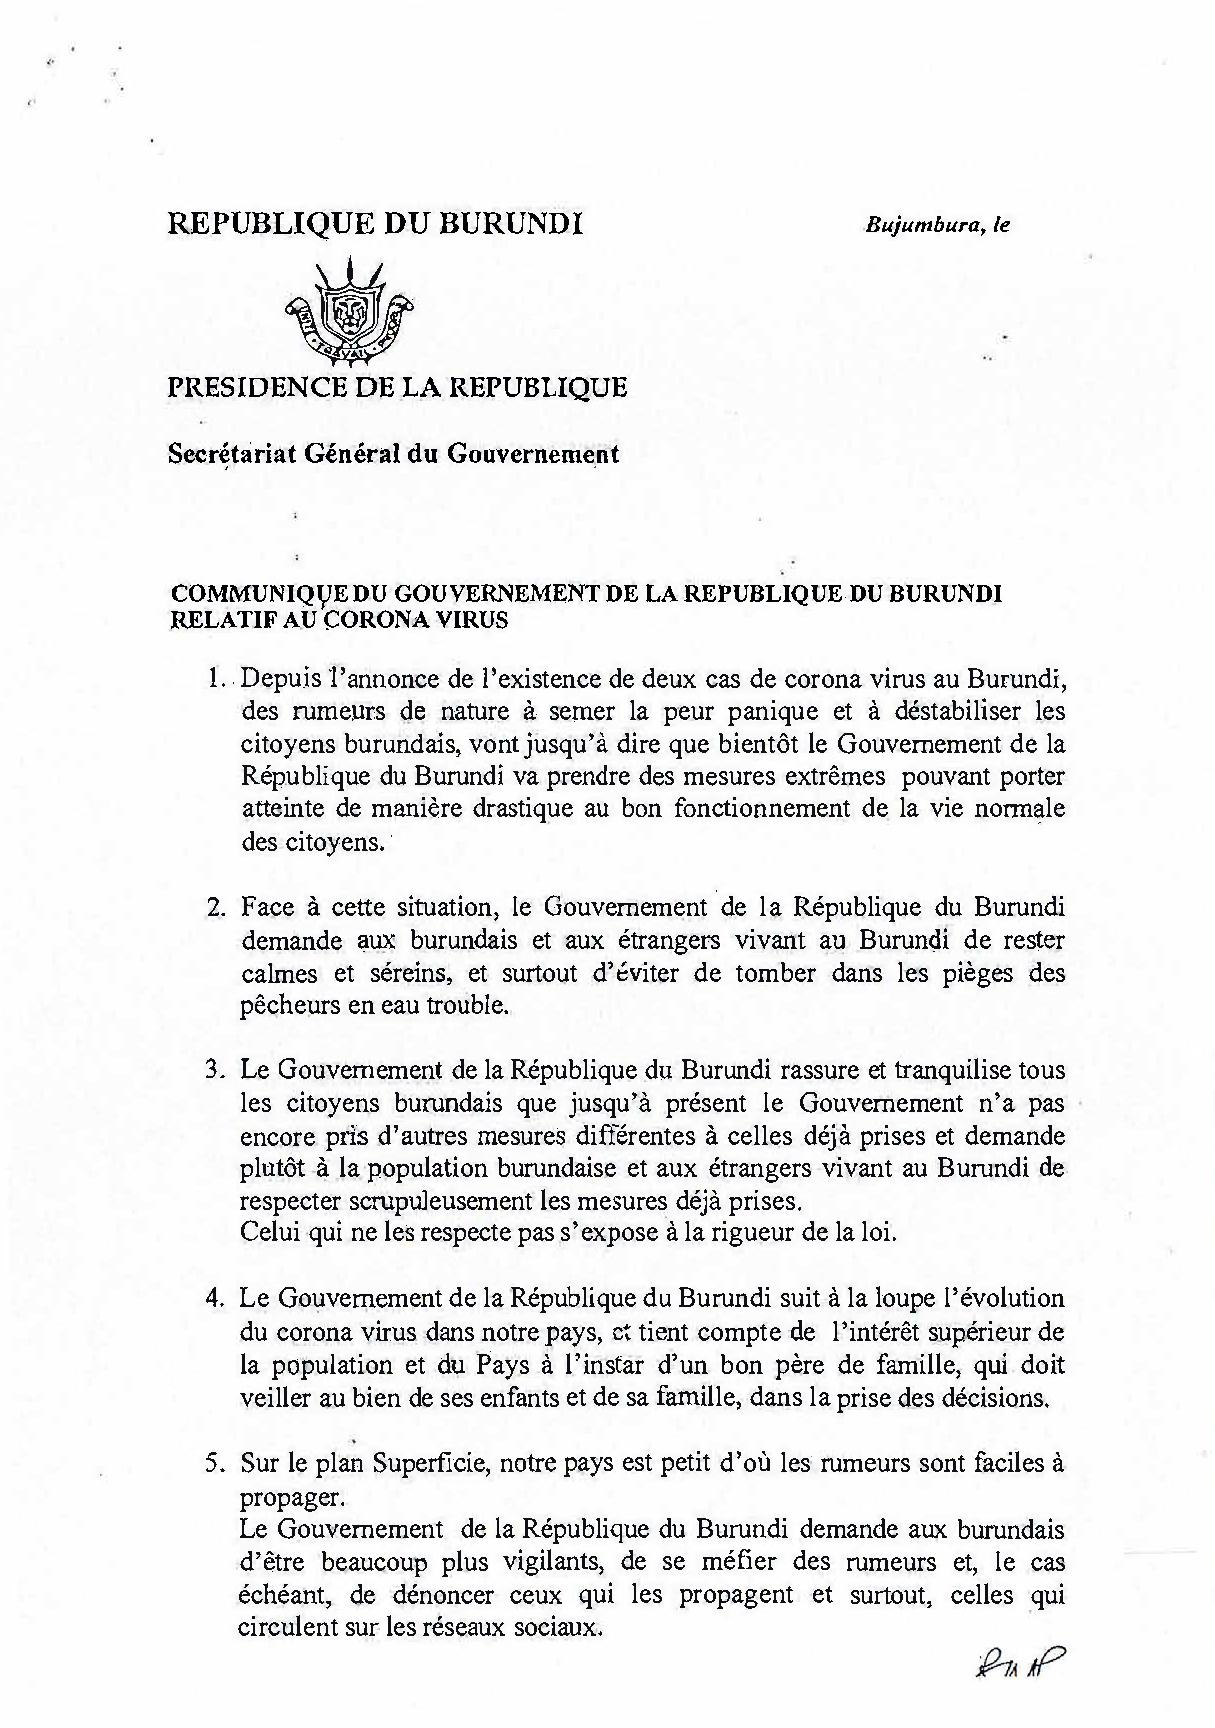 Communiqué du Gouvernement de la Republic du Burundi relatif au Corona Virus